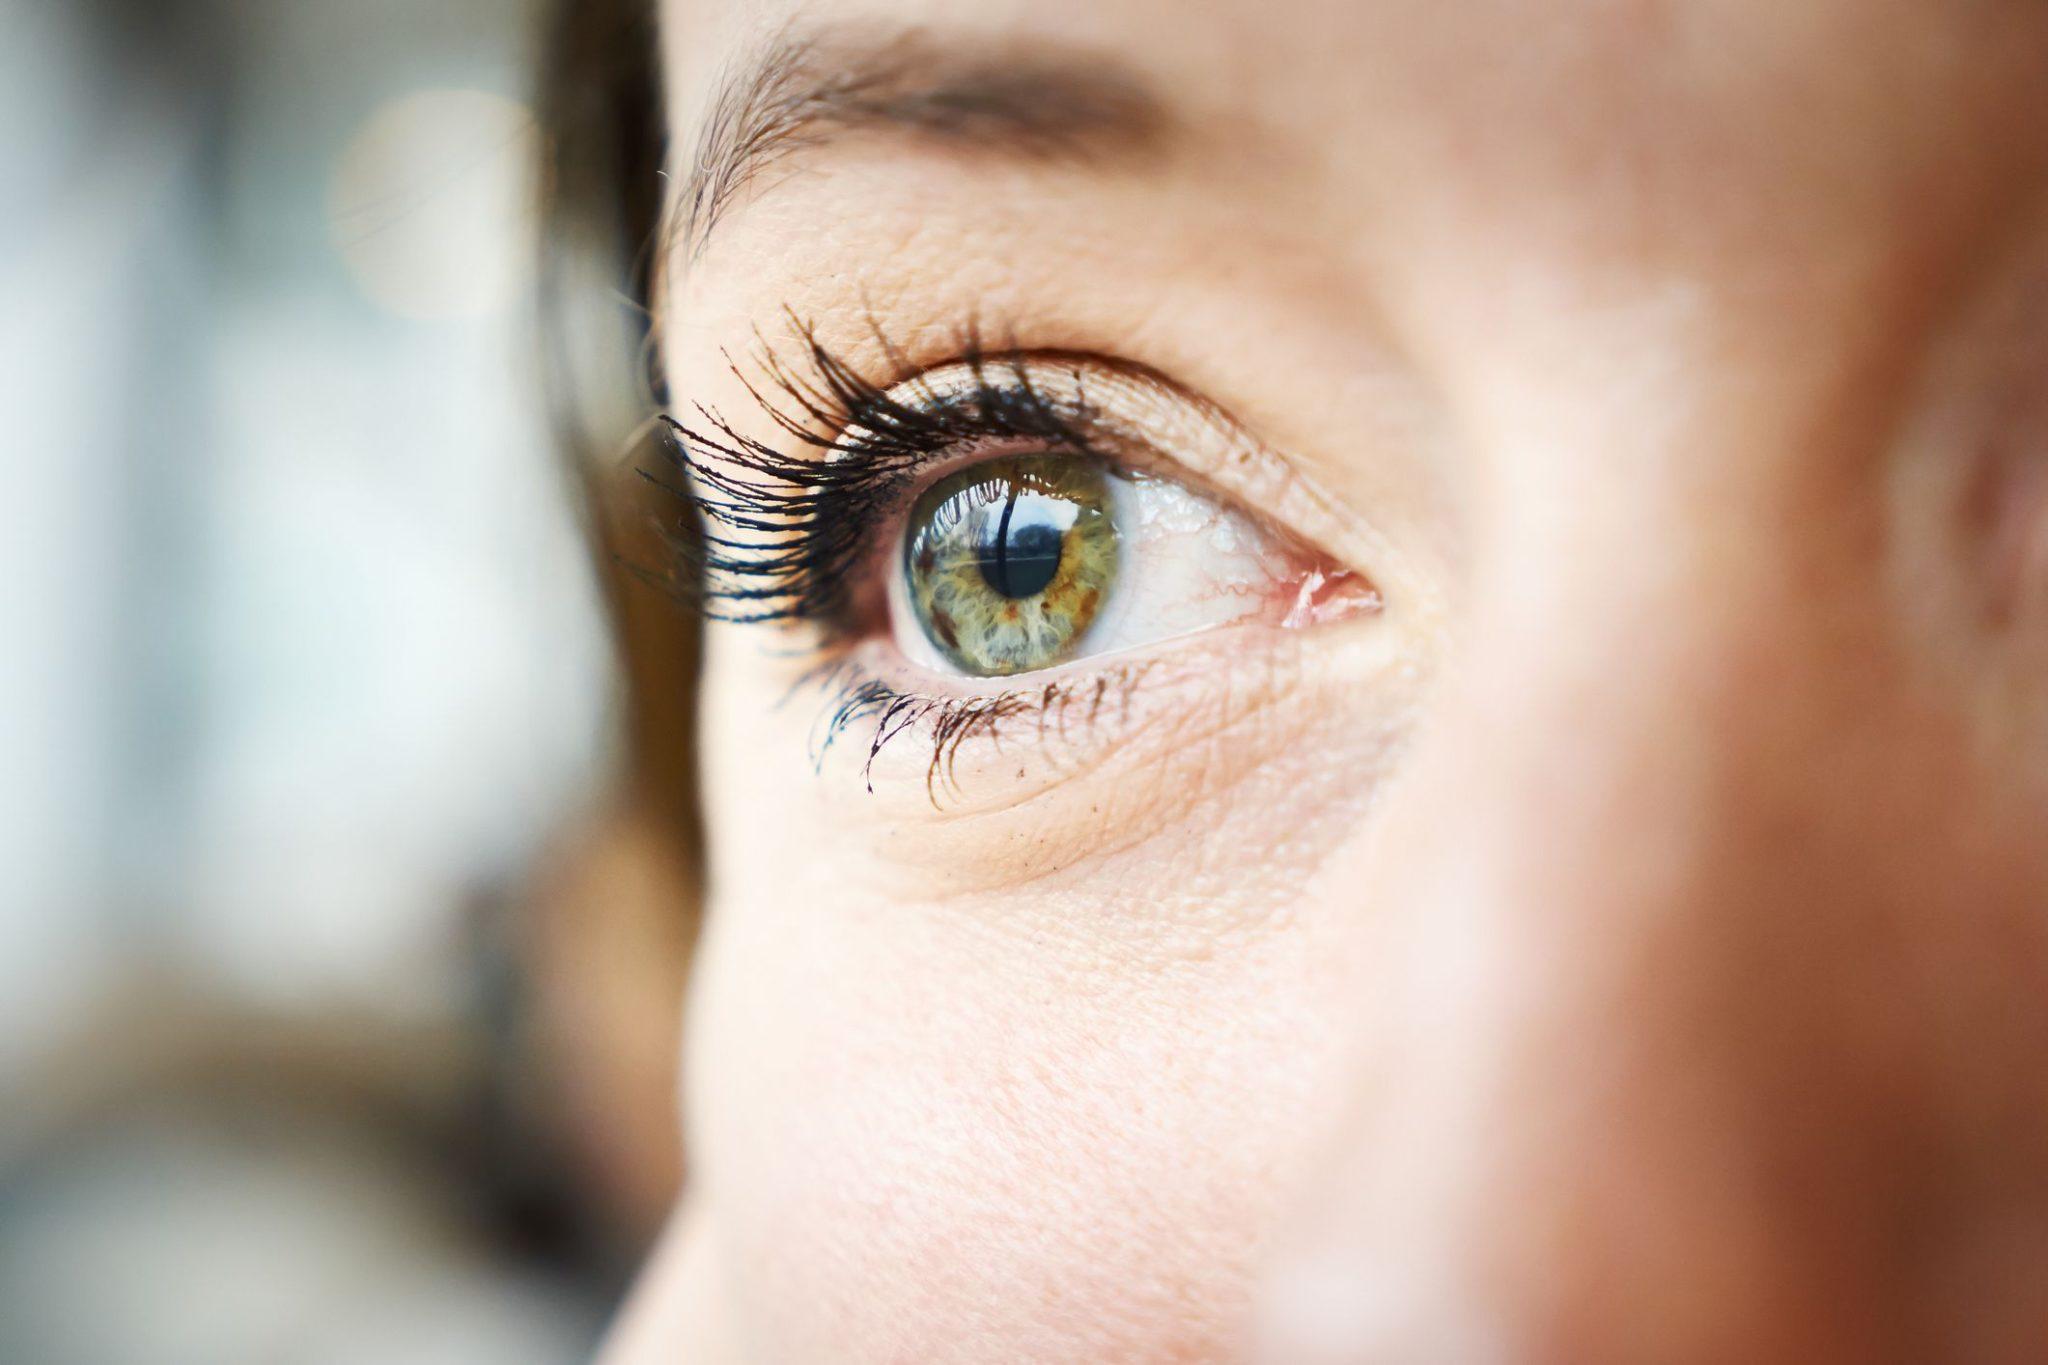 Deshacerse de un ojo perezoso